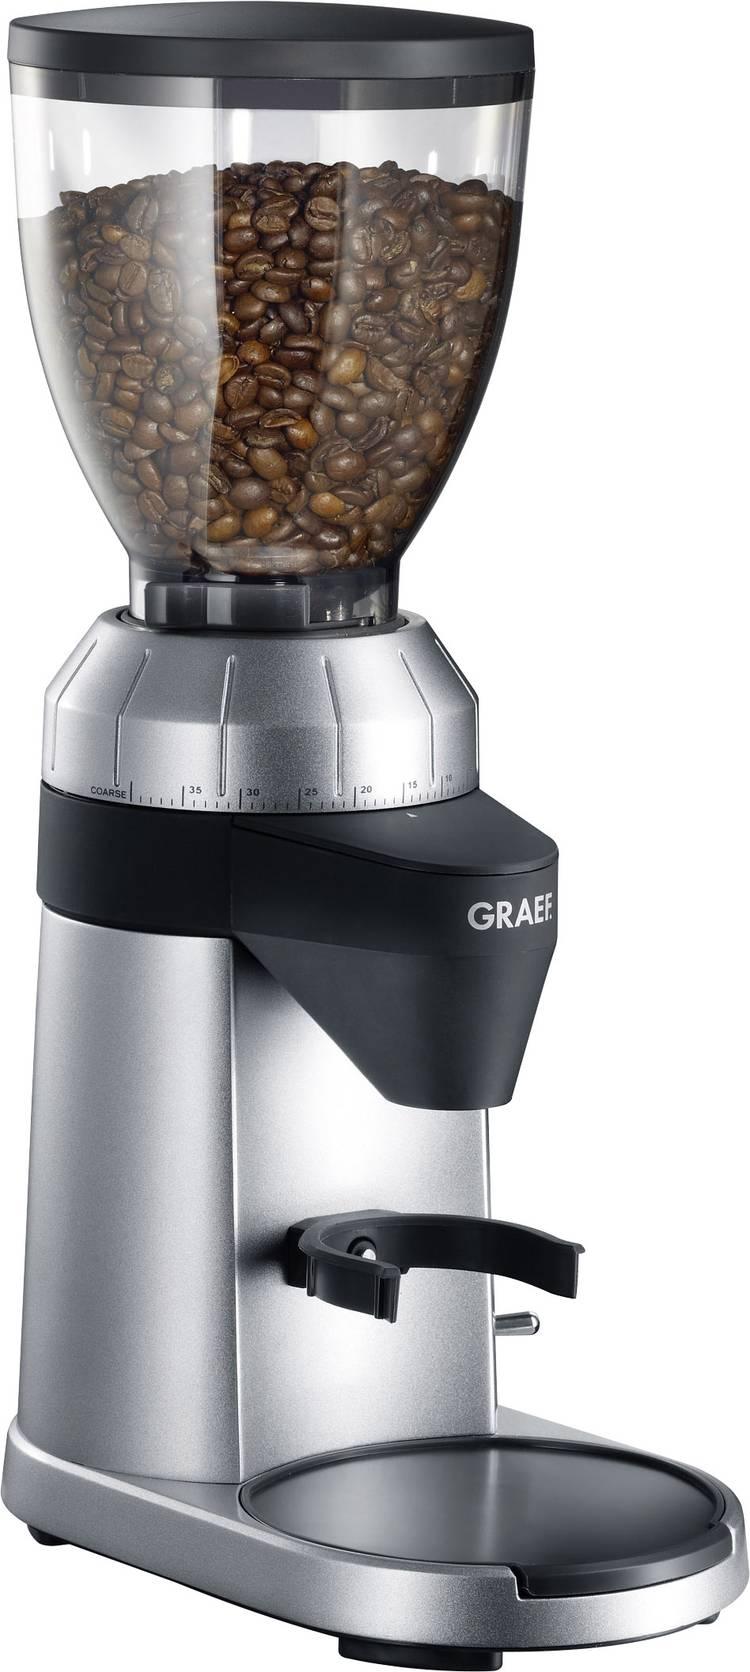 Image of Koffiemolen Graef CM800EU Zilver, Zwart CM800EU Stalen kegelmaalwerk